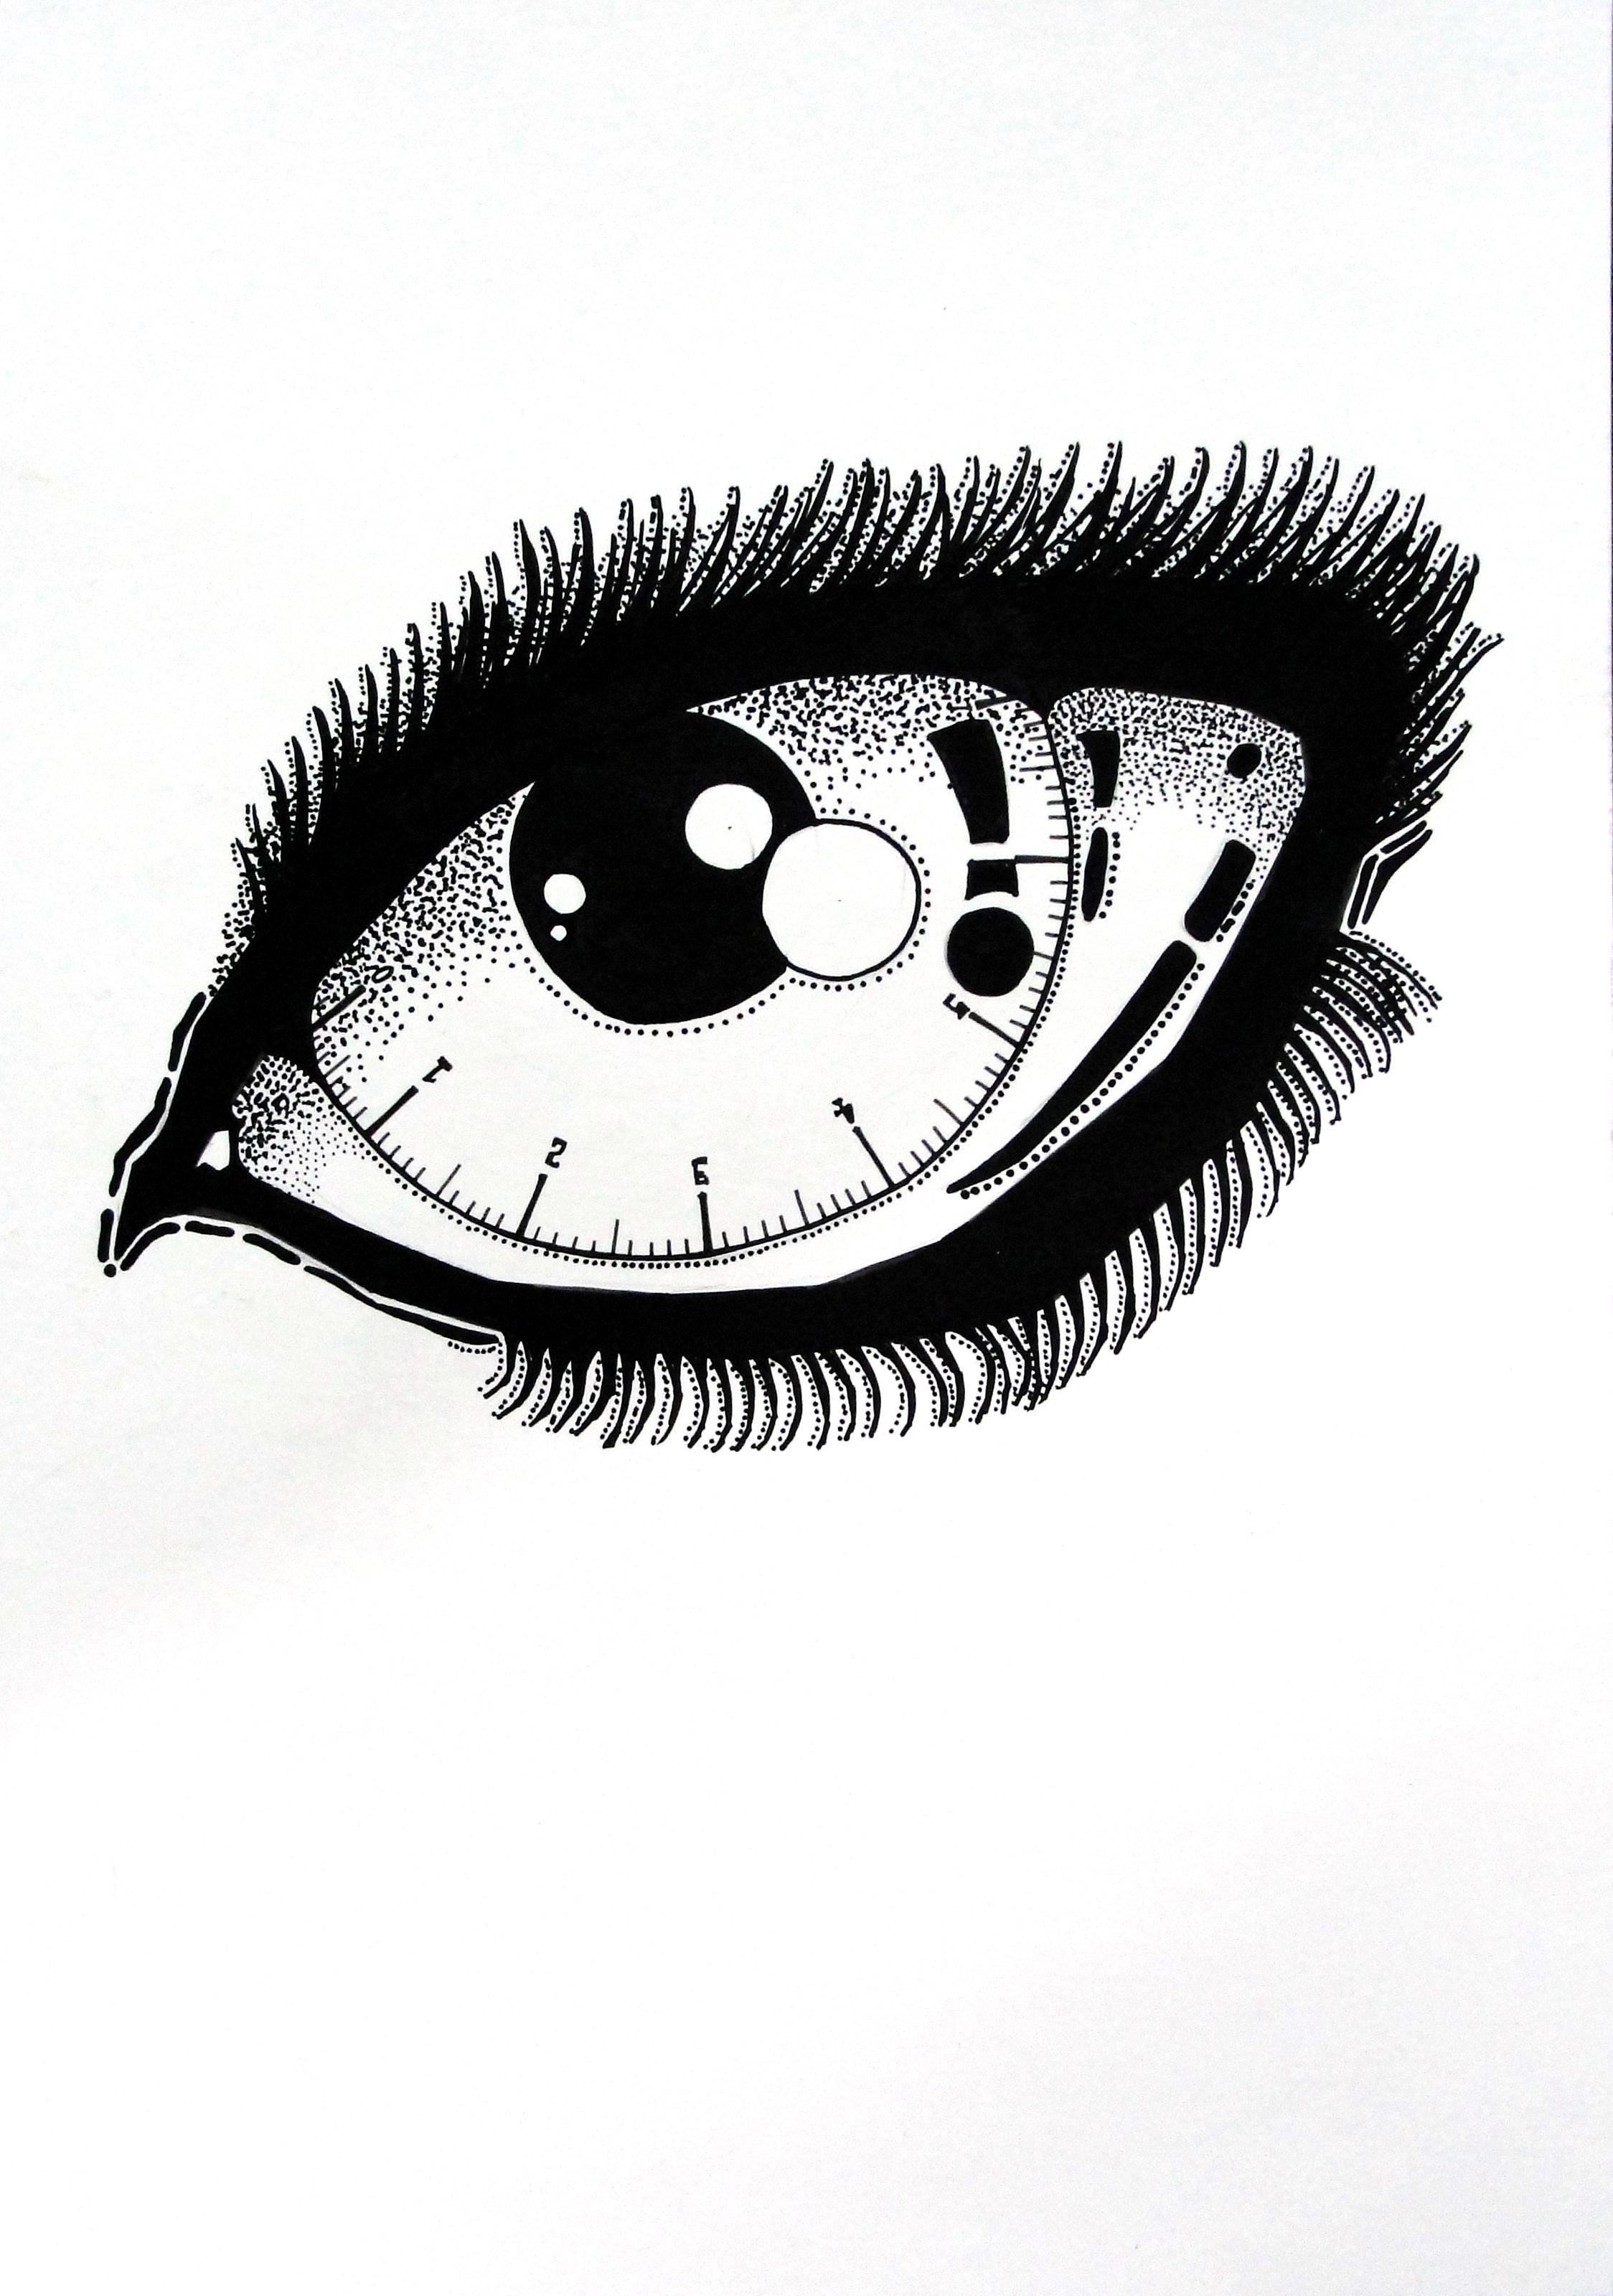 图形创意—手绘